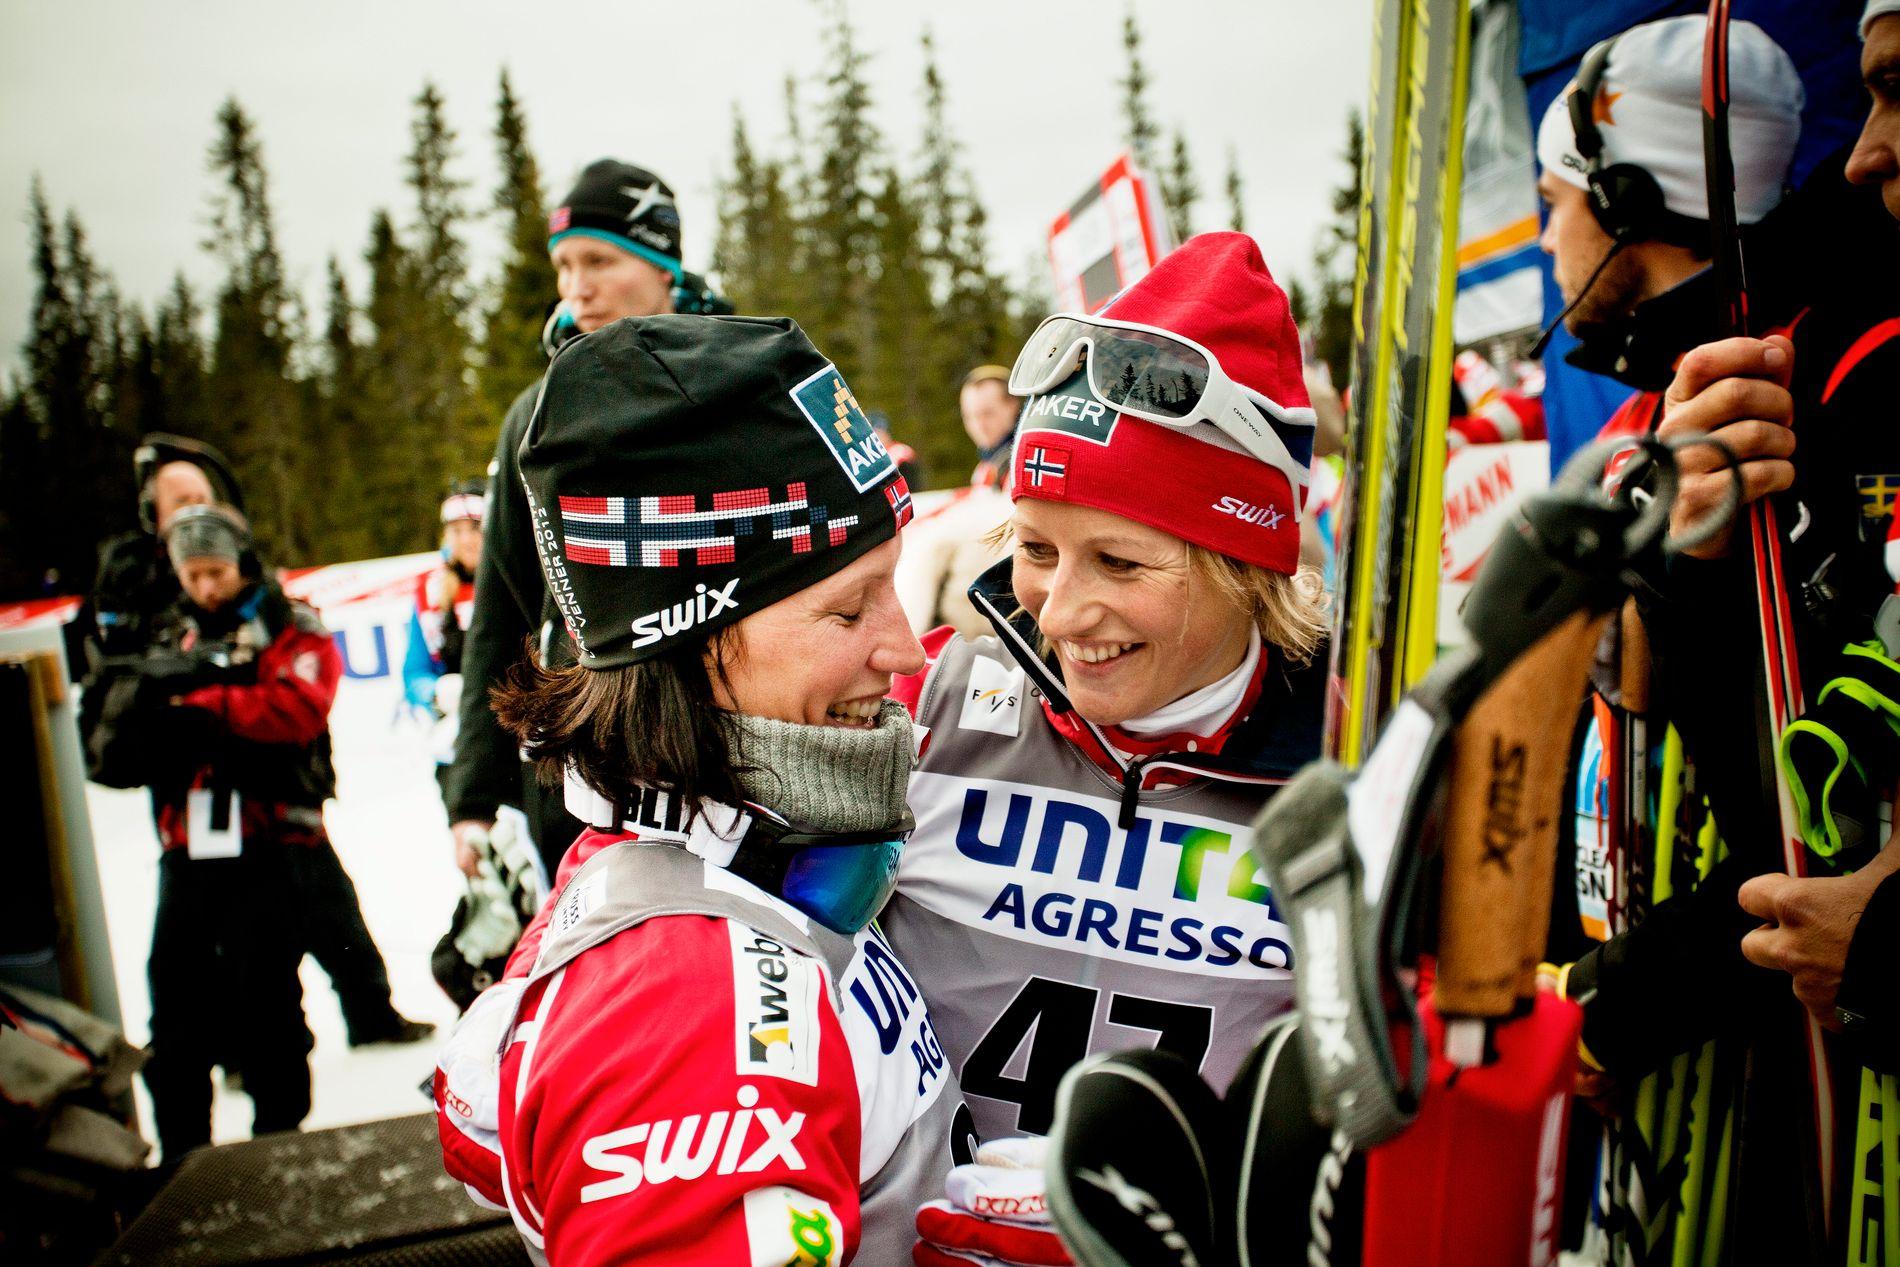 NÆRE VENNINNER: Marit Bjørgen og Vibeke Skofterud, her fra verdenscupåpningen på Sjusjøen en novemberdag i 2011. De ble henholdsvis nummer én og tre i rennet.